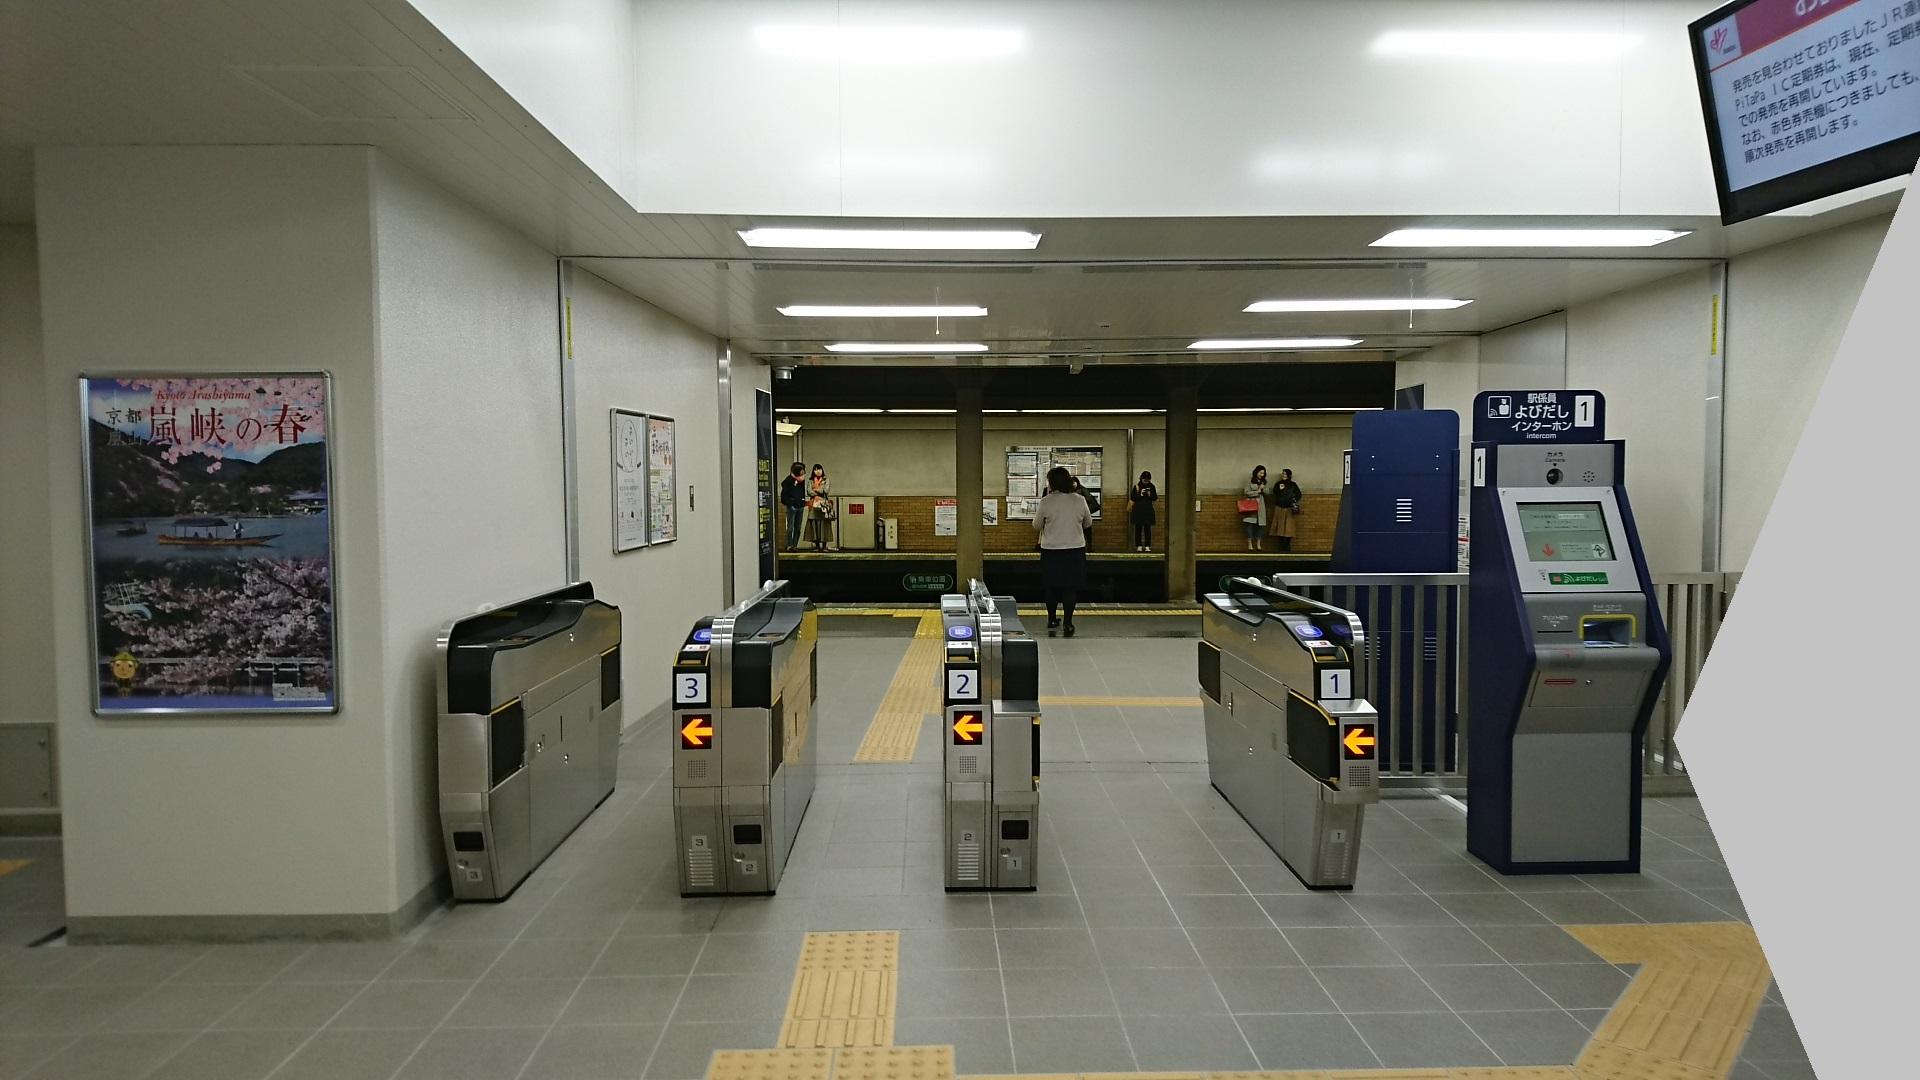 2017.4.2 阪急 (40) 西院 1920-1080